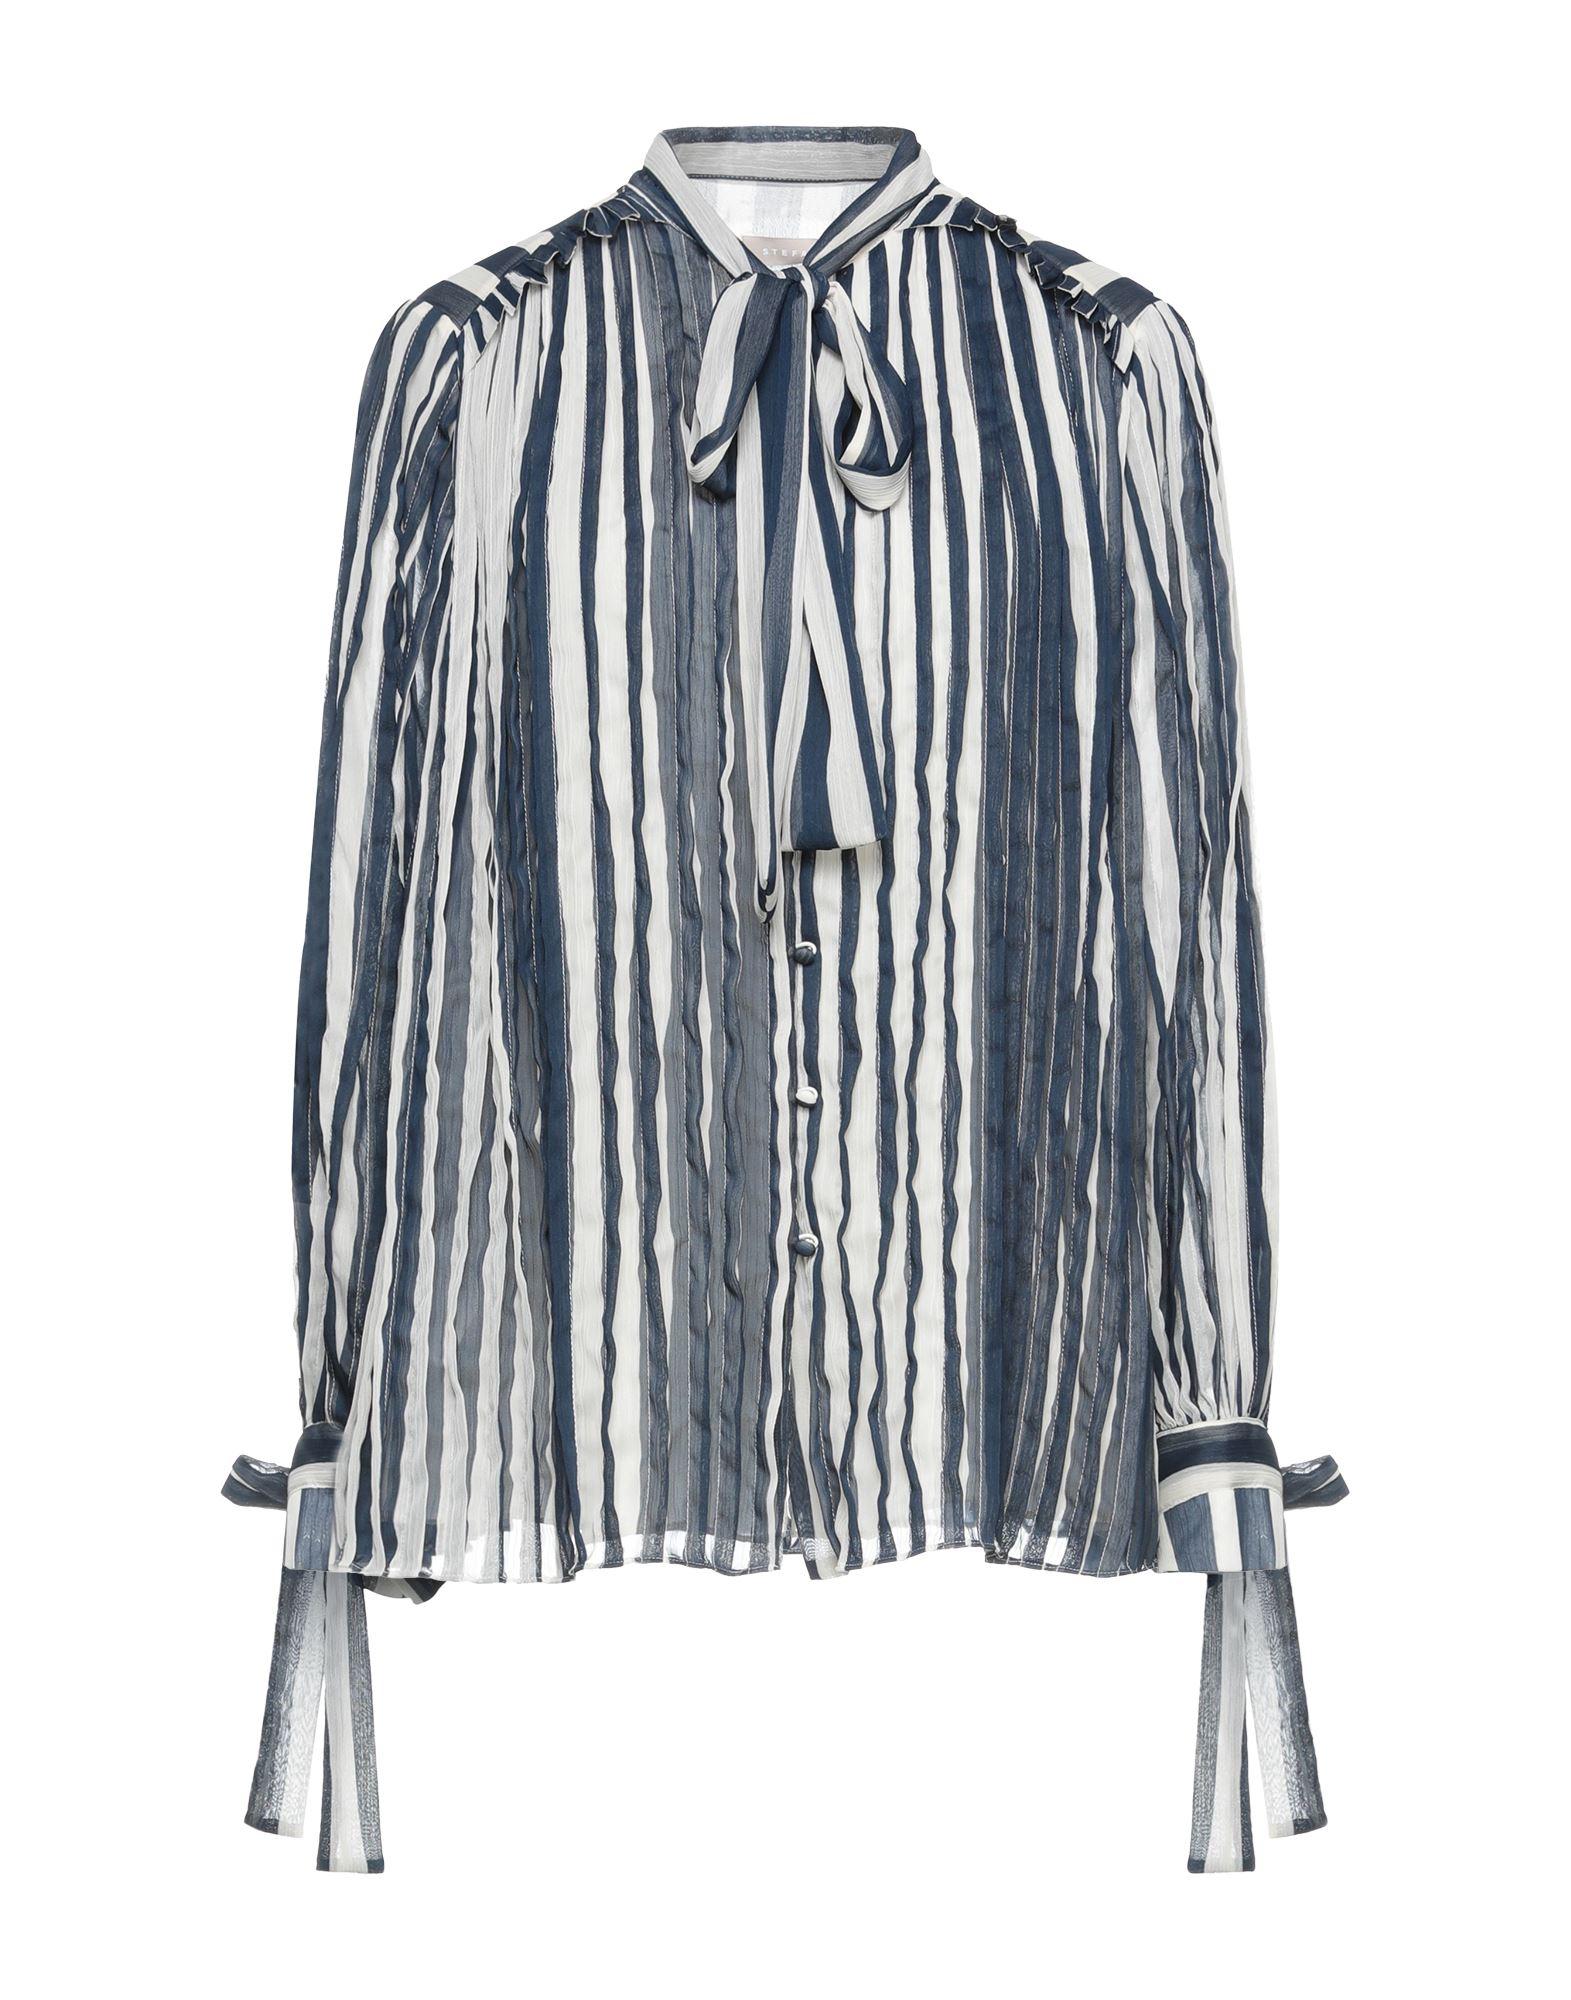 Фото - STEFANEL Pубашка ремень stefanel